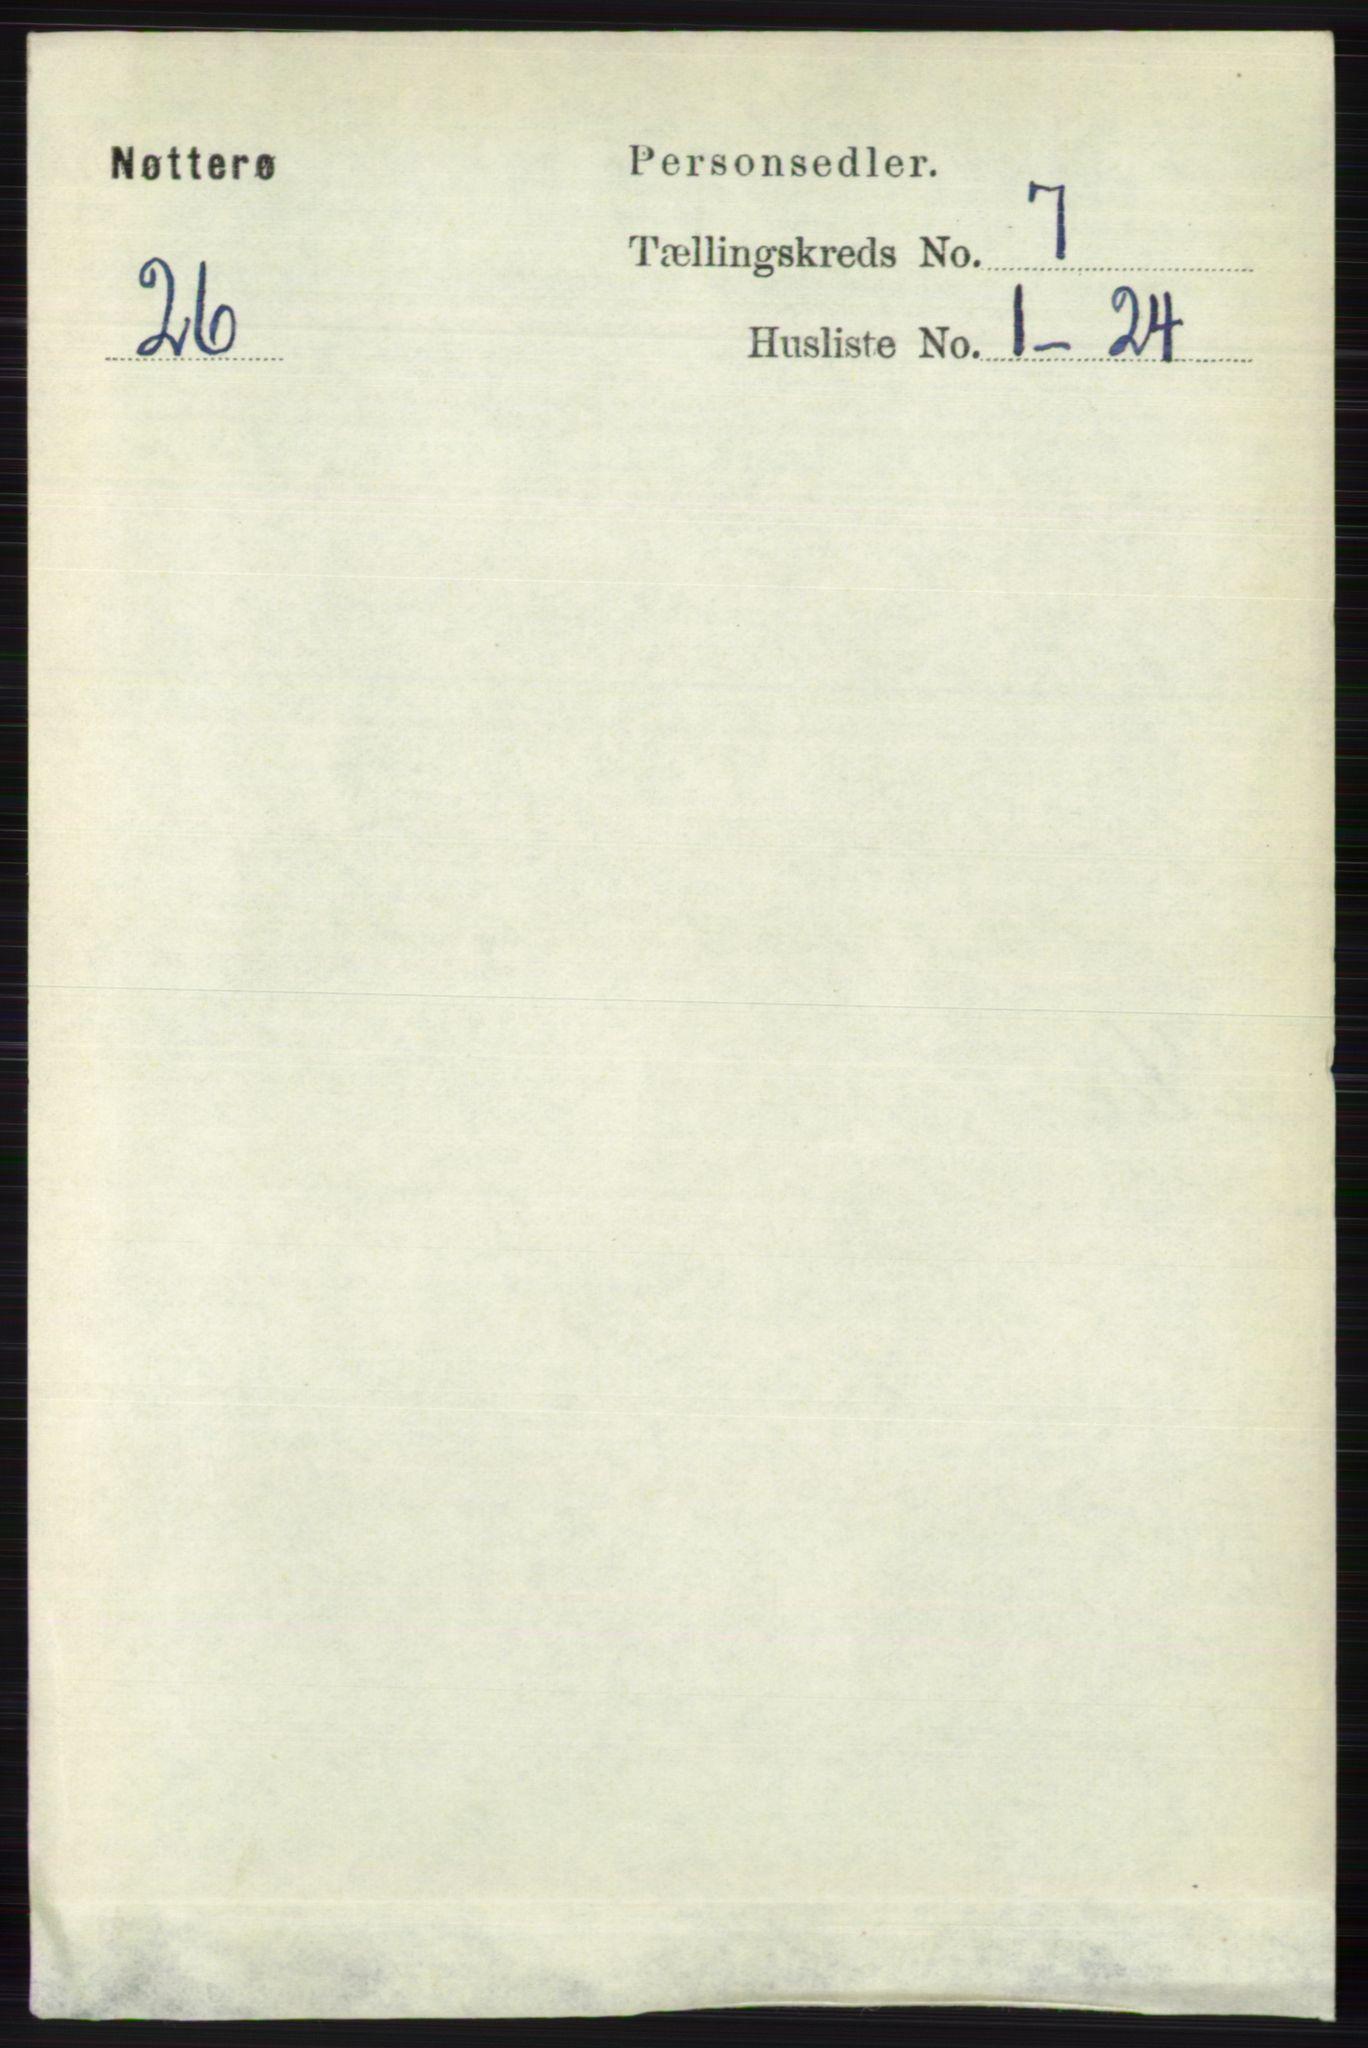 RA, Folketelling 1891 for 0722 Nøtterøy herred, 1891, s. 3471